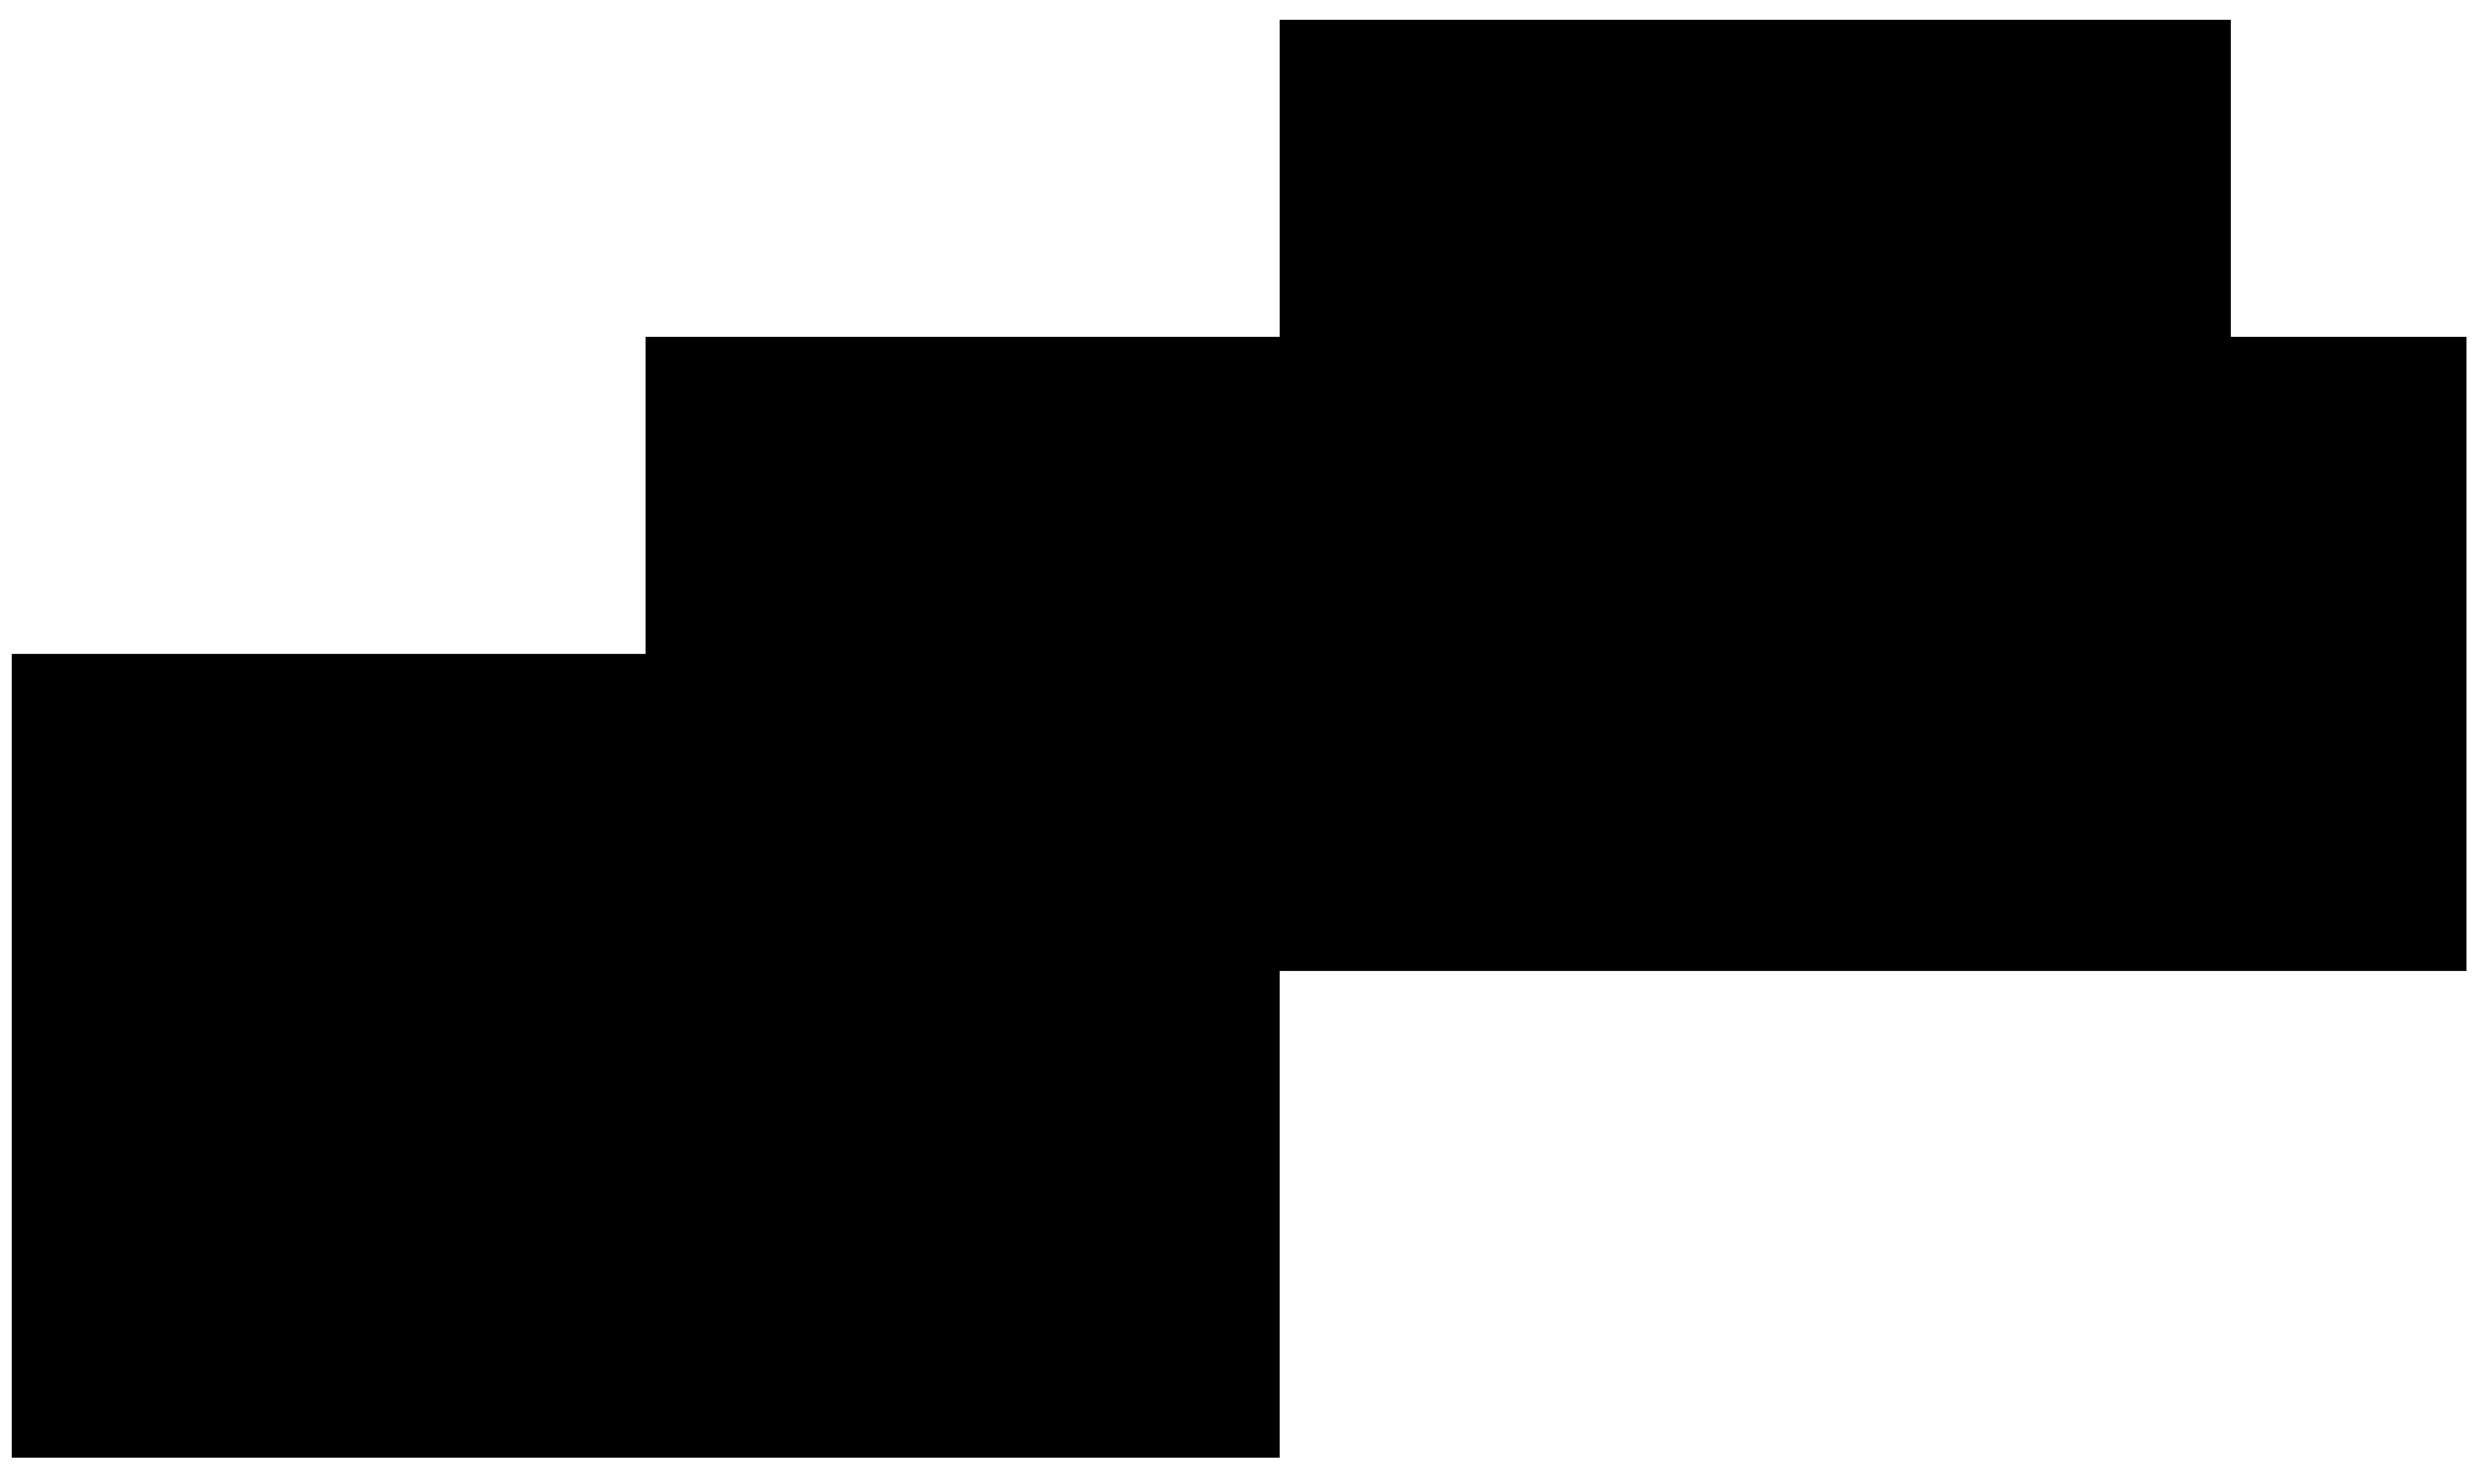 Diver clipart. Scuba silhouette png clip